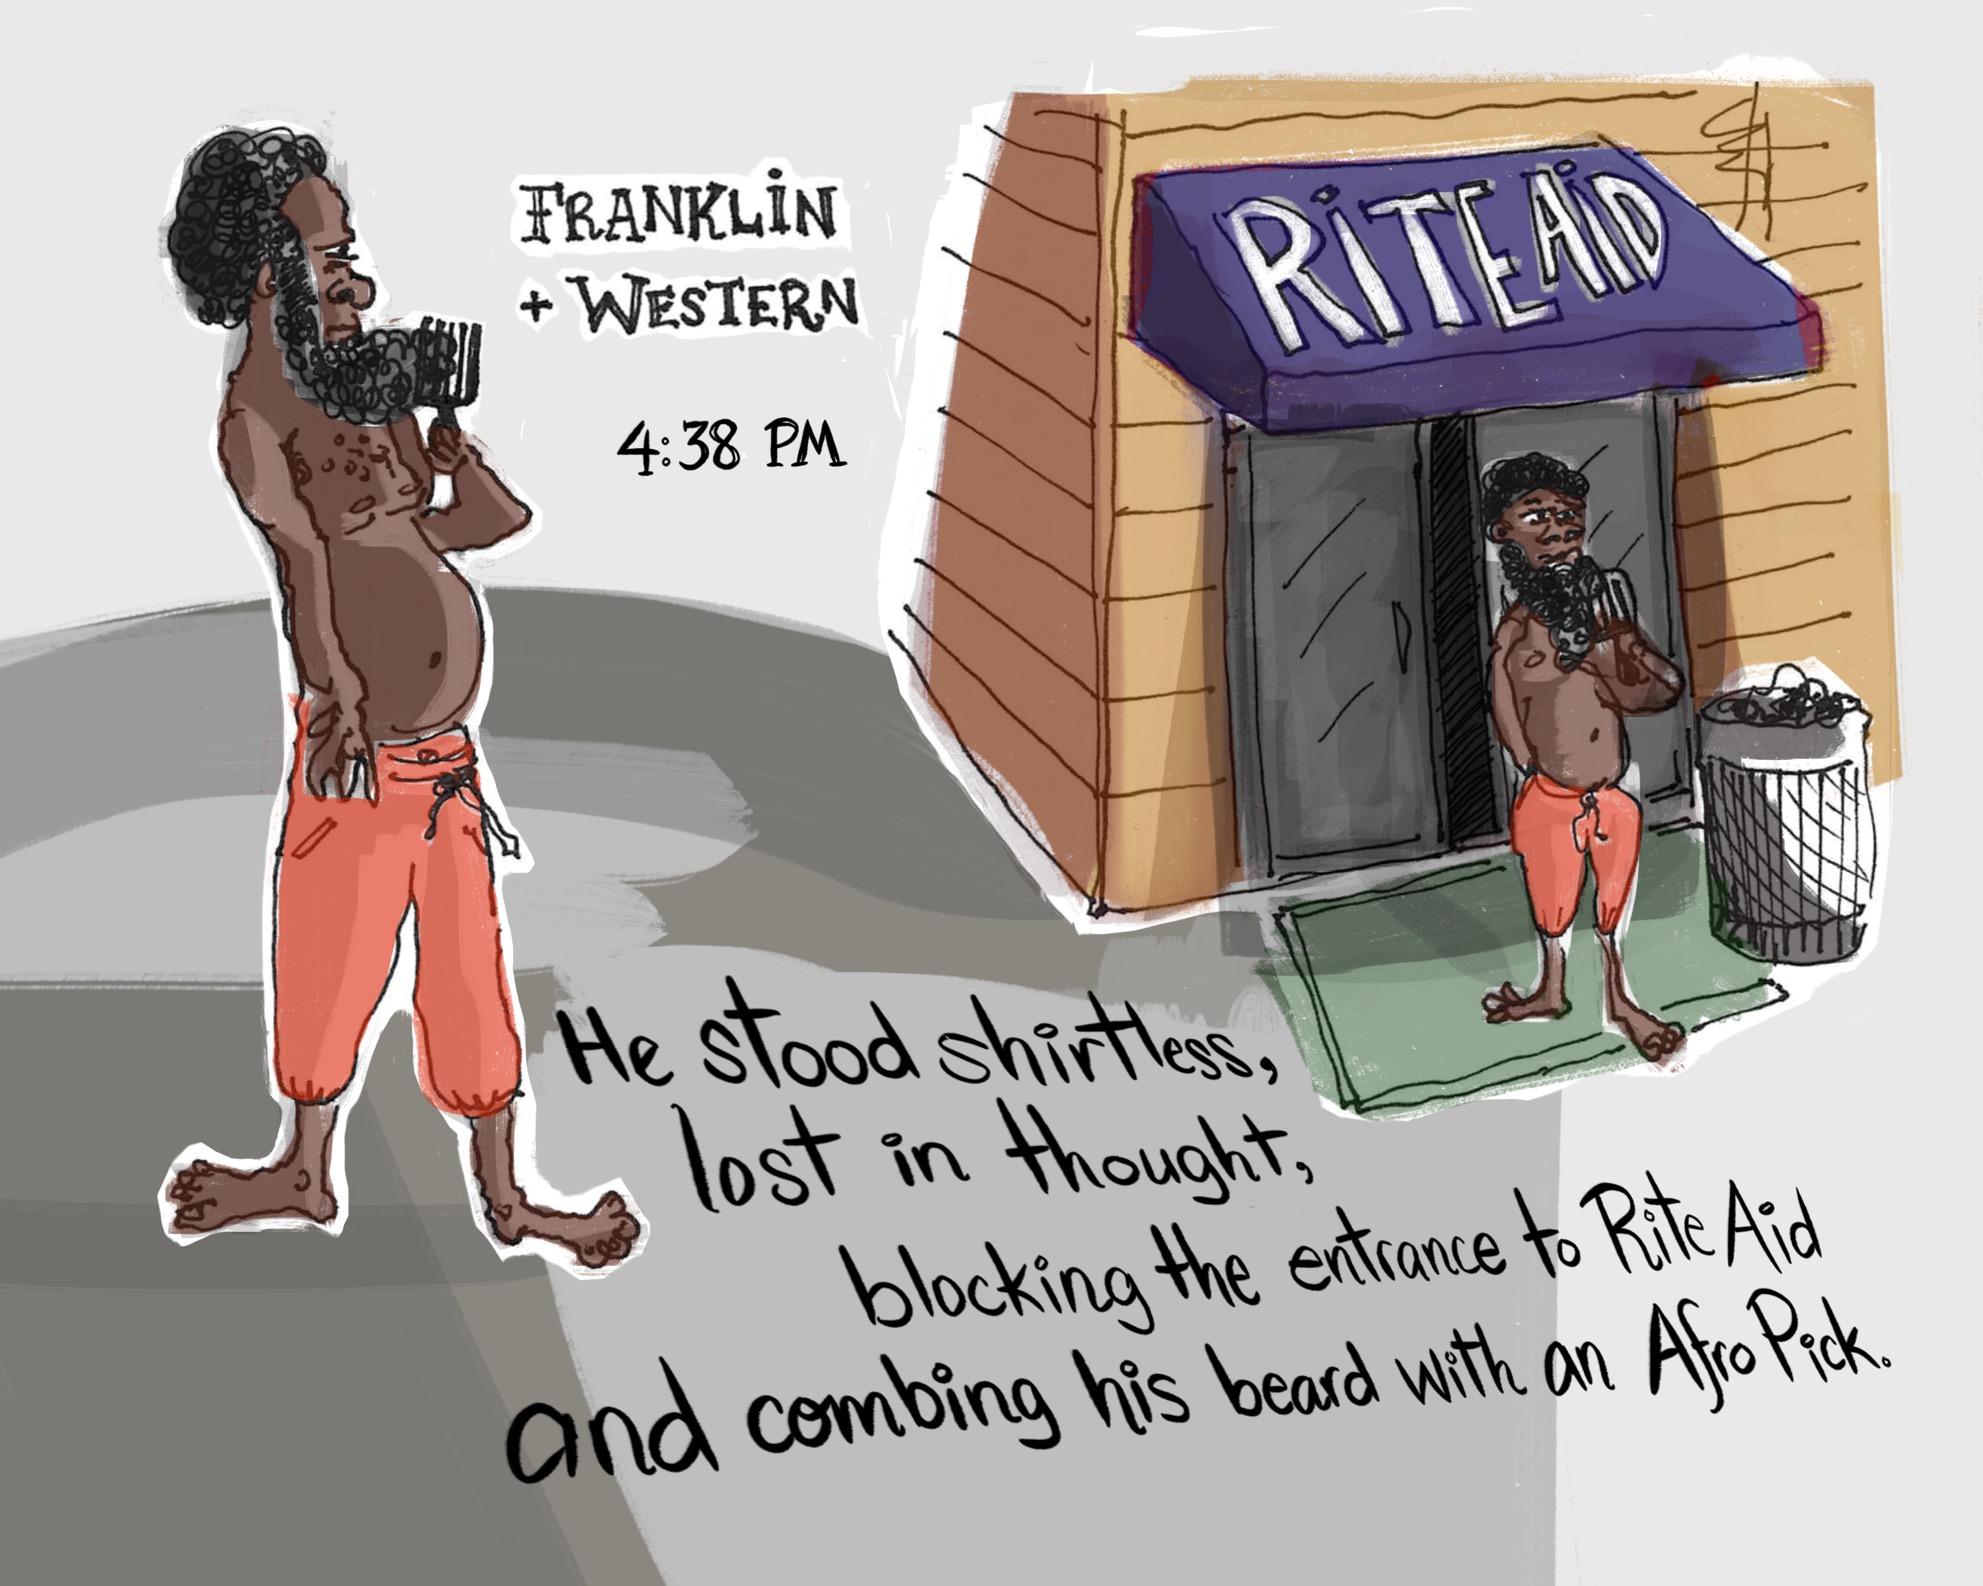 Franklin + Western